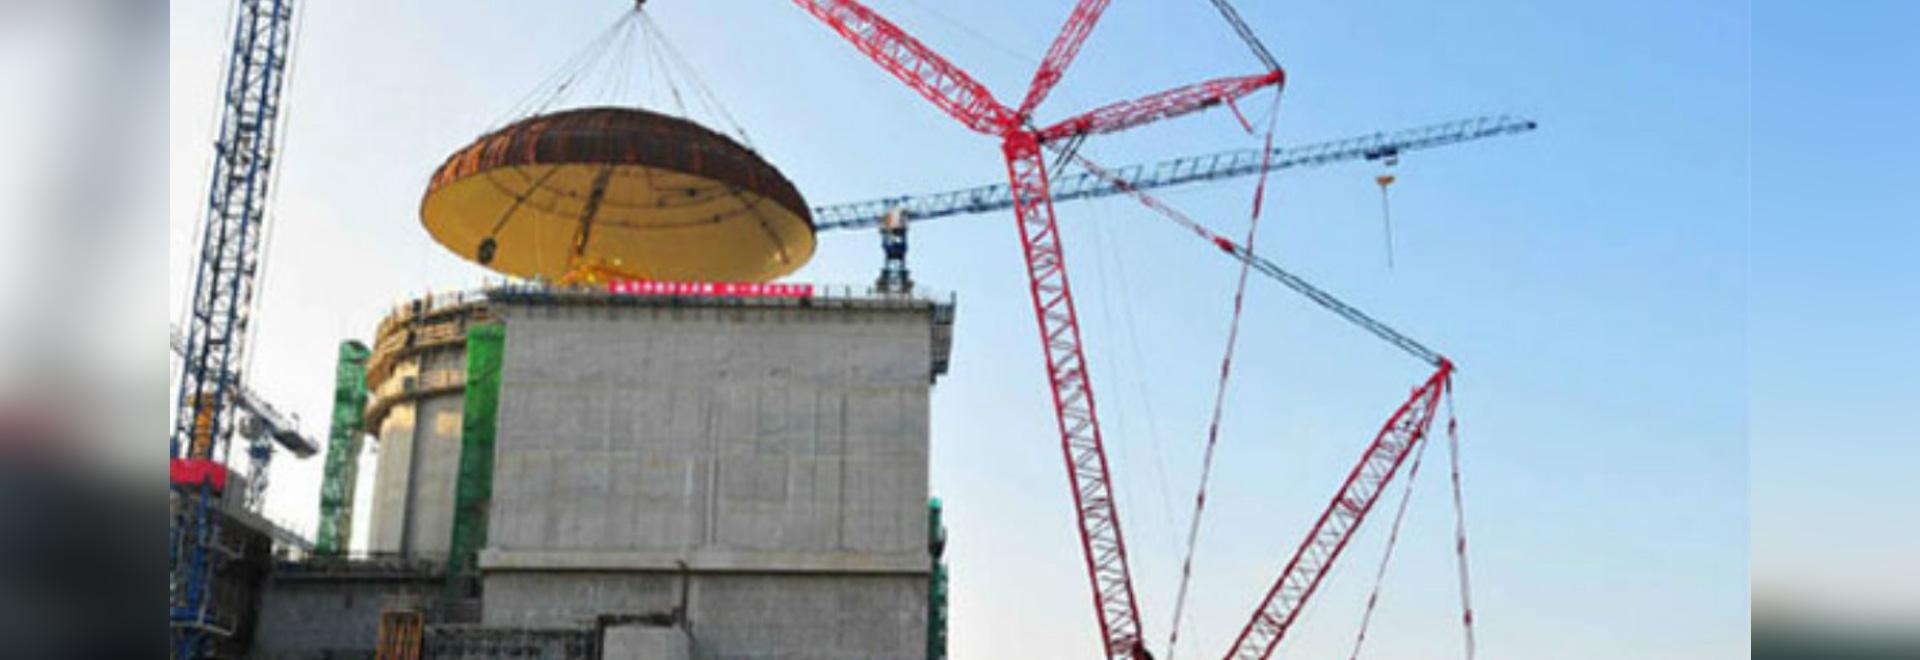 SCC16000 crawler crane in Guangdong Yangjiang Nuclear Power Plant